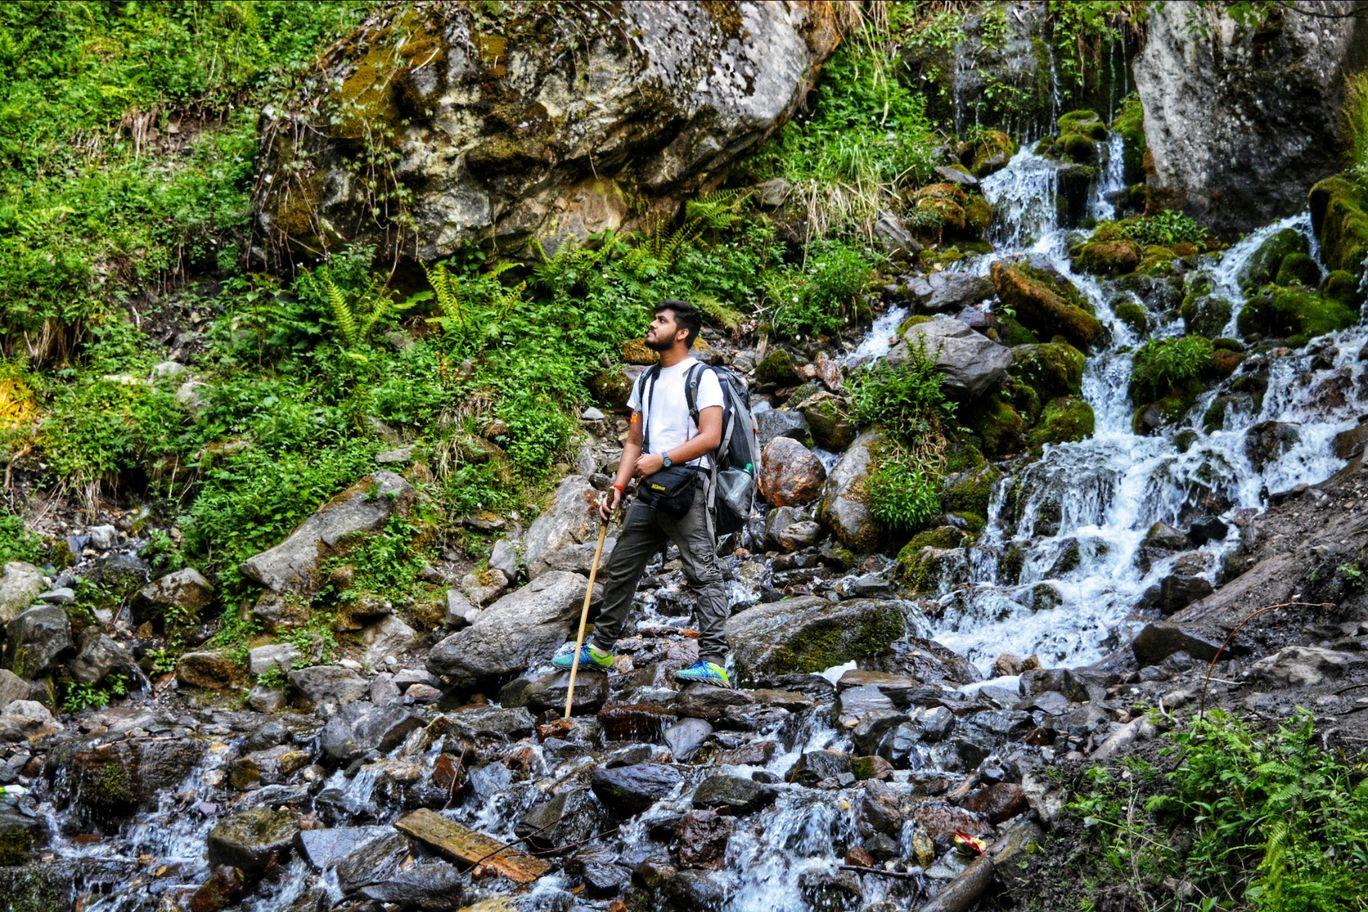 Photo of Kheerganga Trek By Shubham Sinha